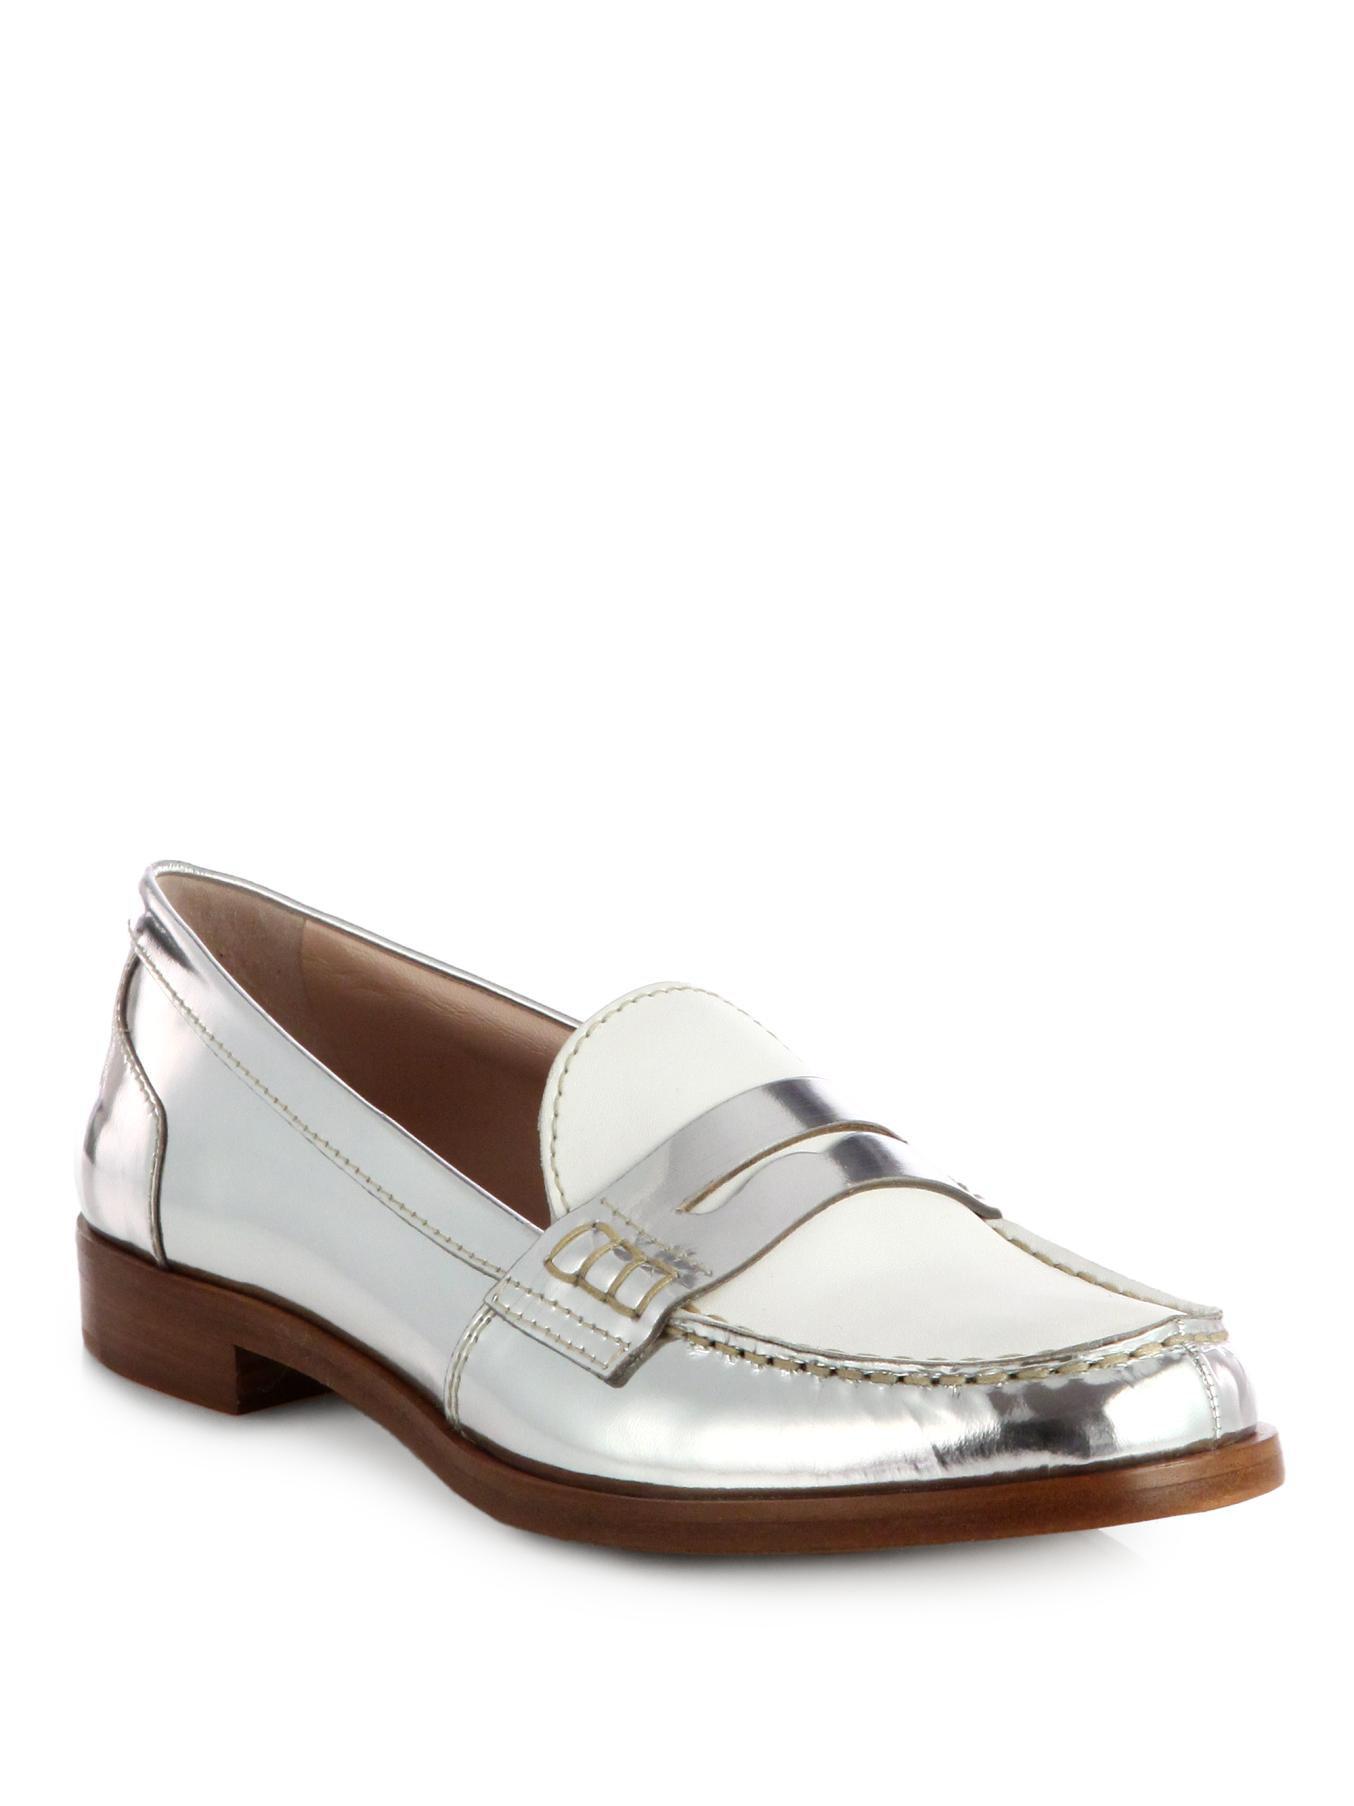 b03ee823e Lyst - Miu Miu Bicolor Metallic Leather Loafers in Metallic